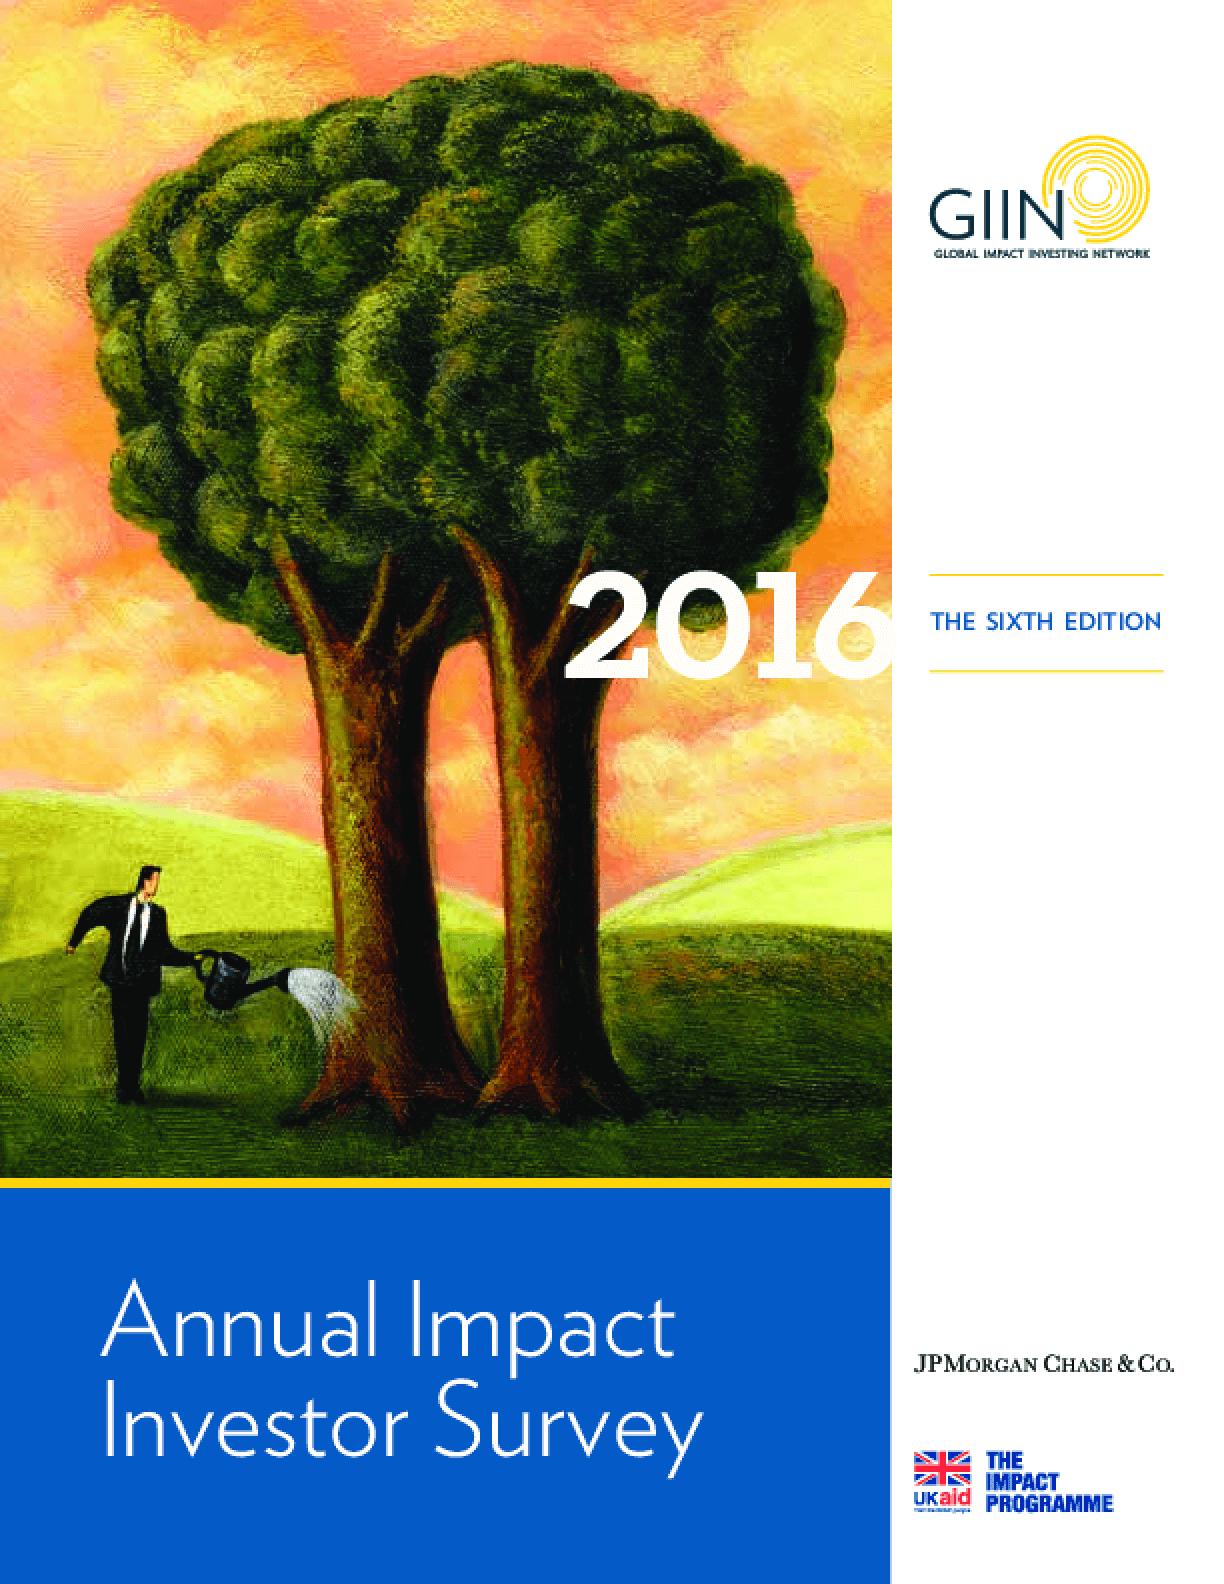 2016 Annual Impact Investor Survey